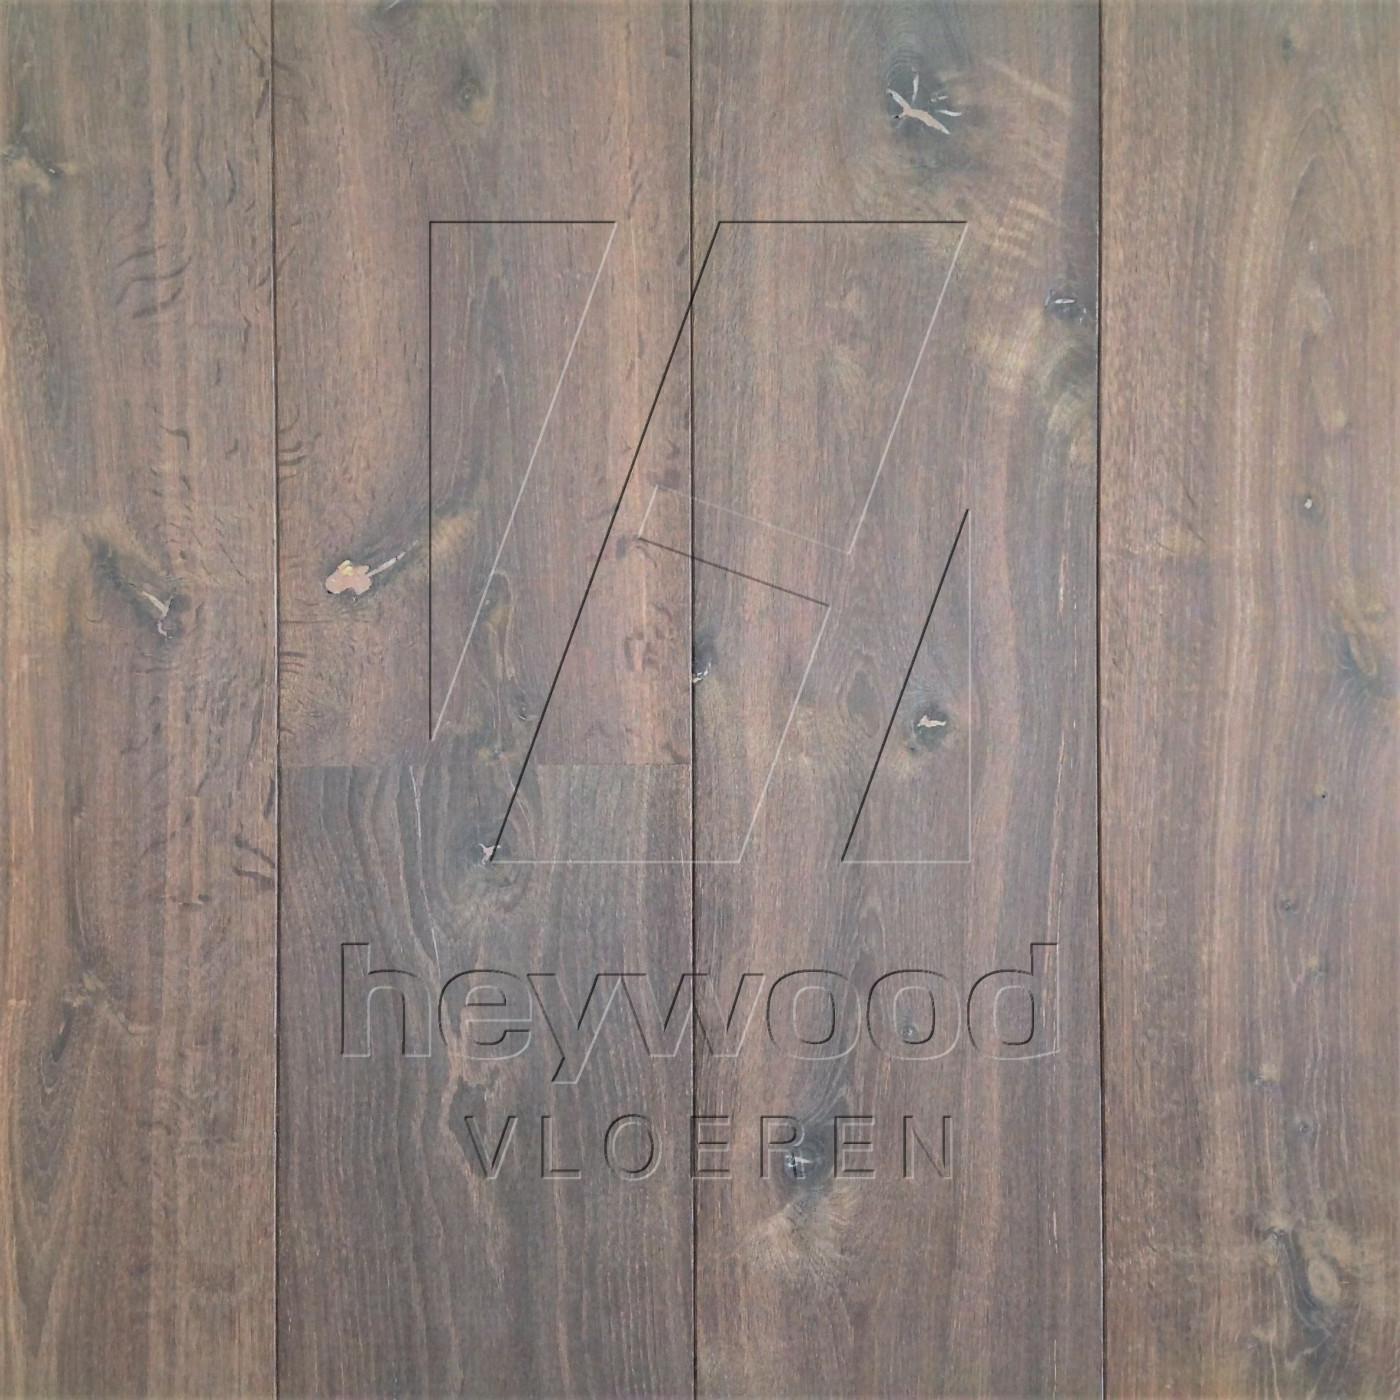 Plank Berkeley in European Oak Character of Bespoke Wooden Floors